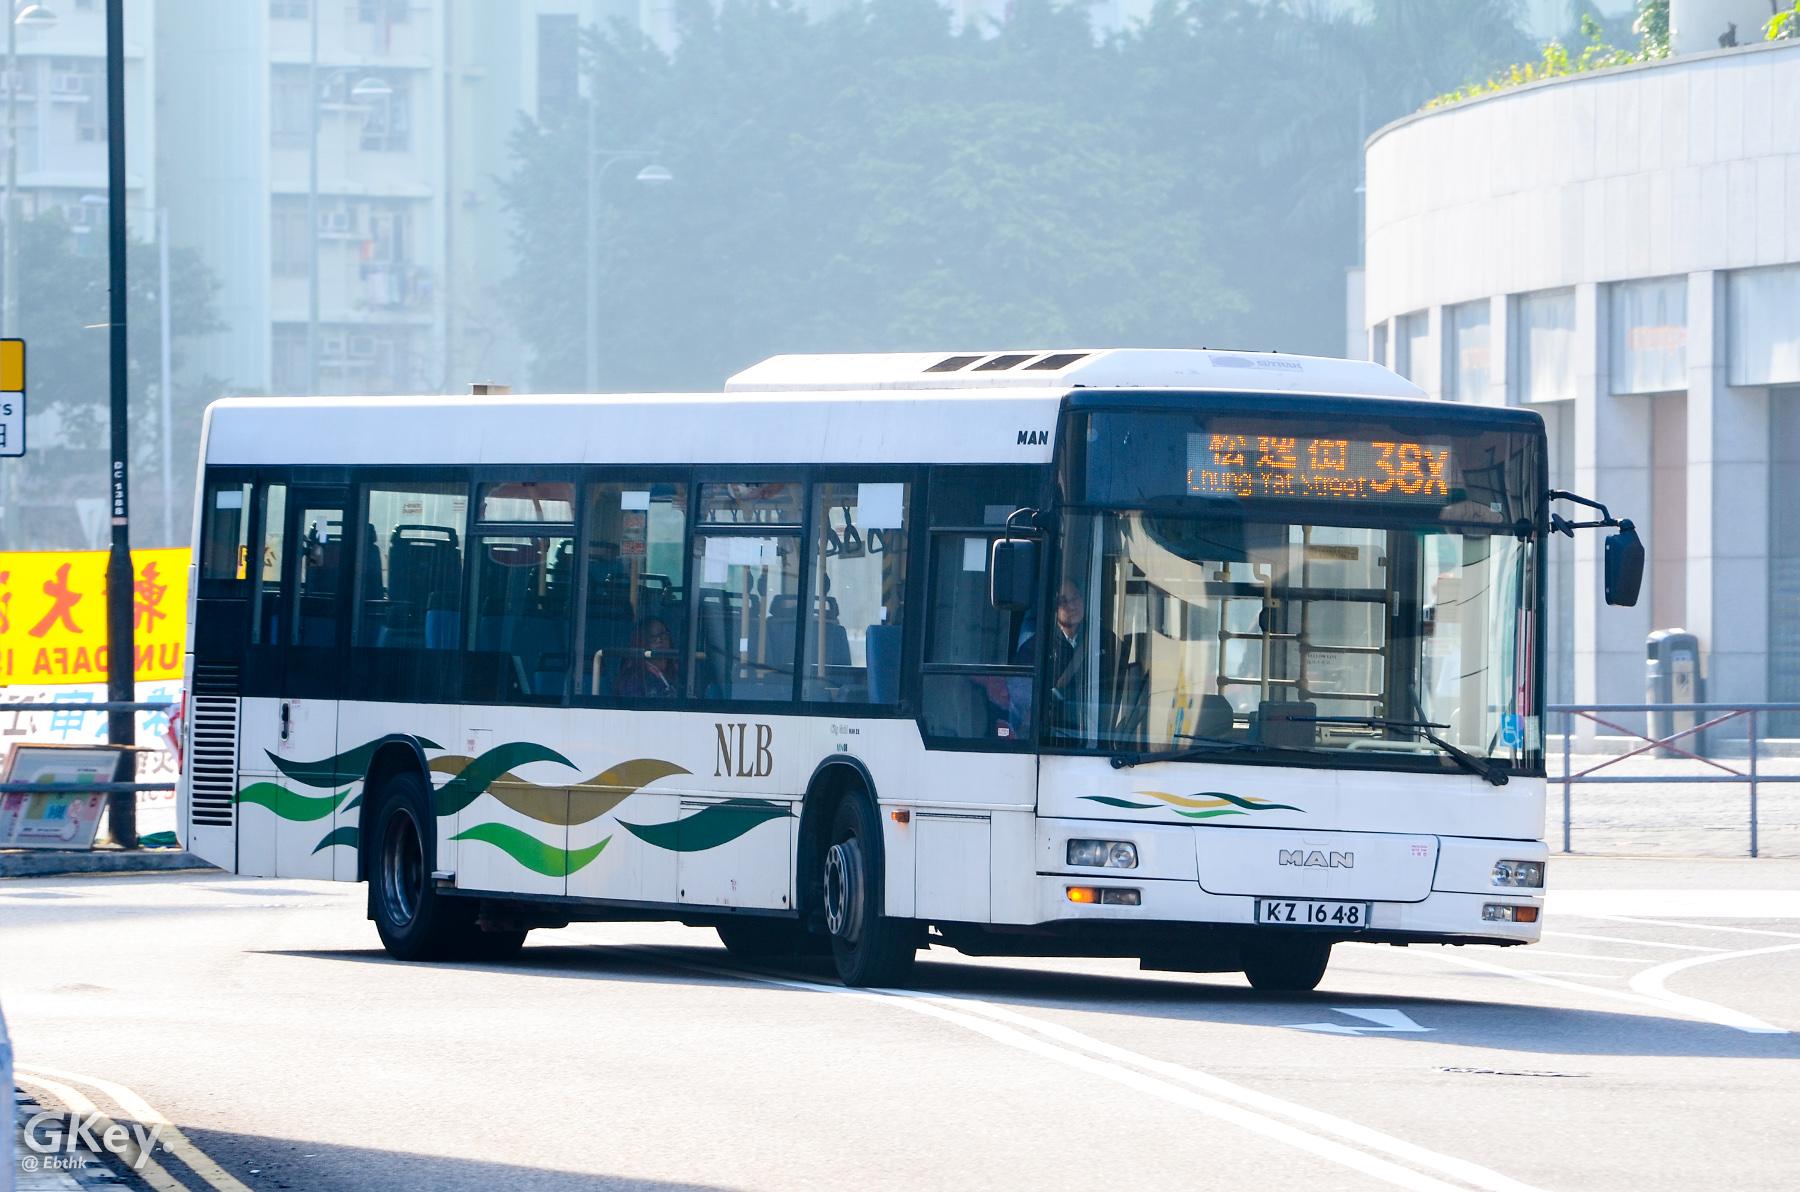 嶼巴38X線